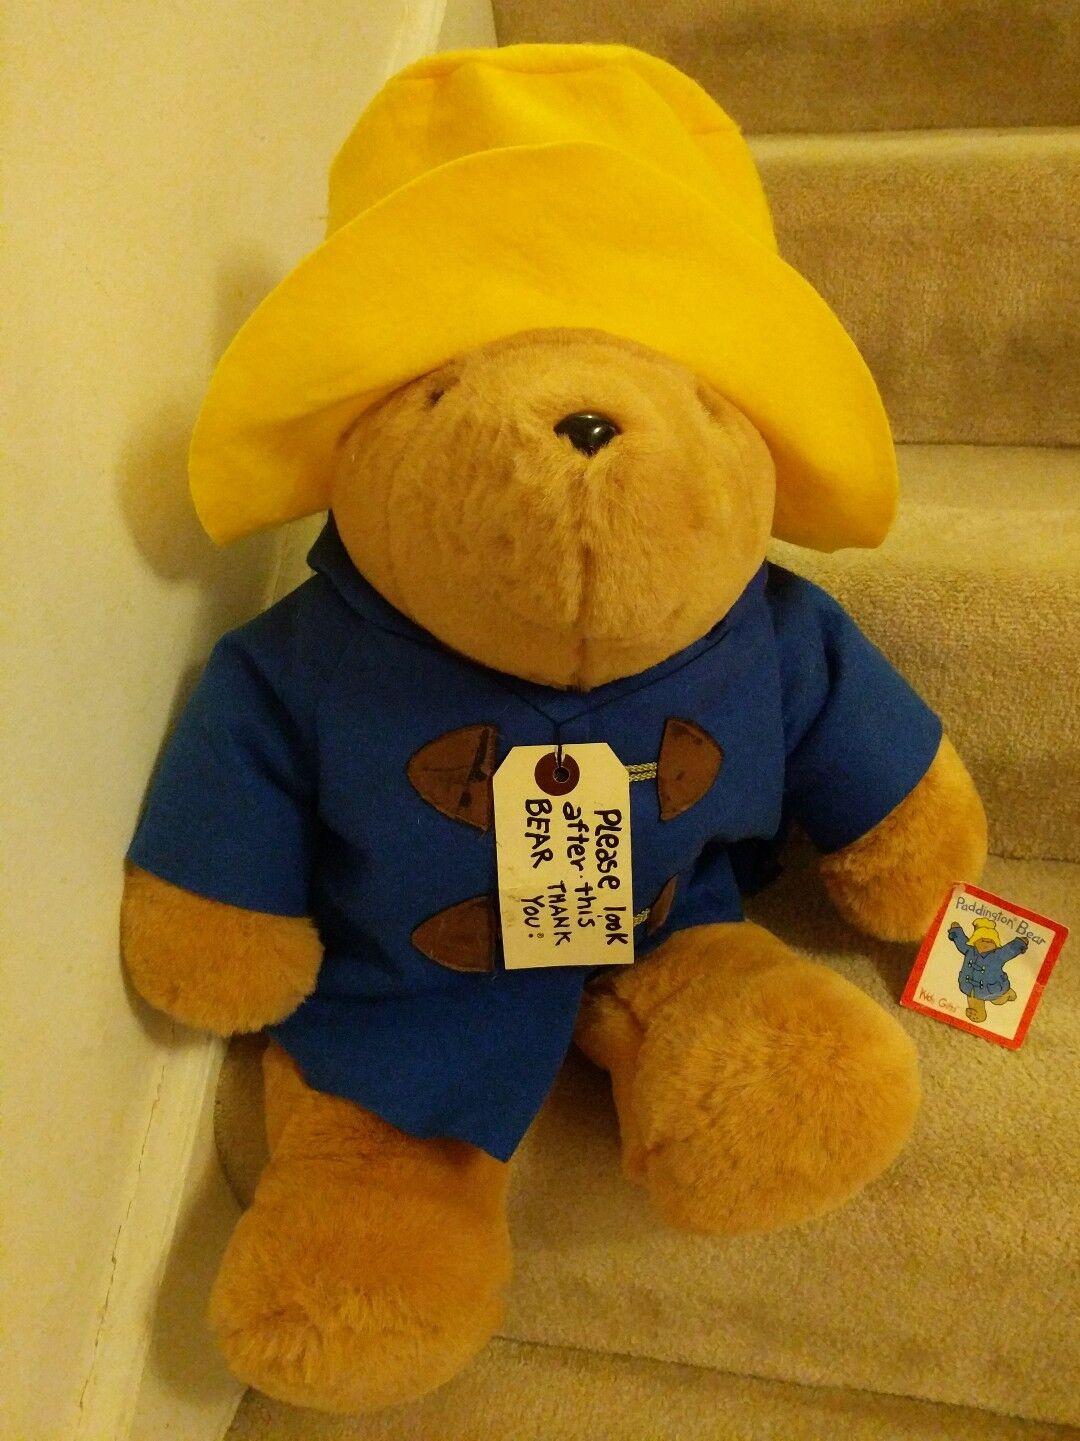 Large Vintage PADDINGTON BEAR Sears Kids Gifts Plush Stuffed Animal Huge teddy